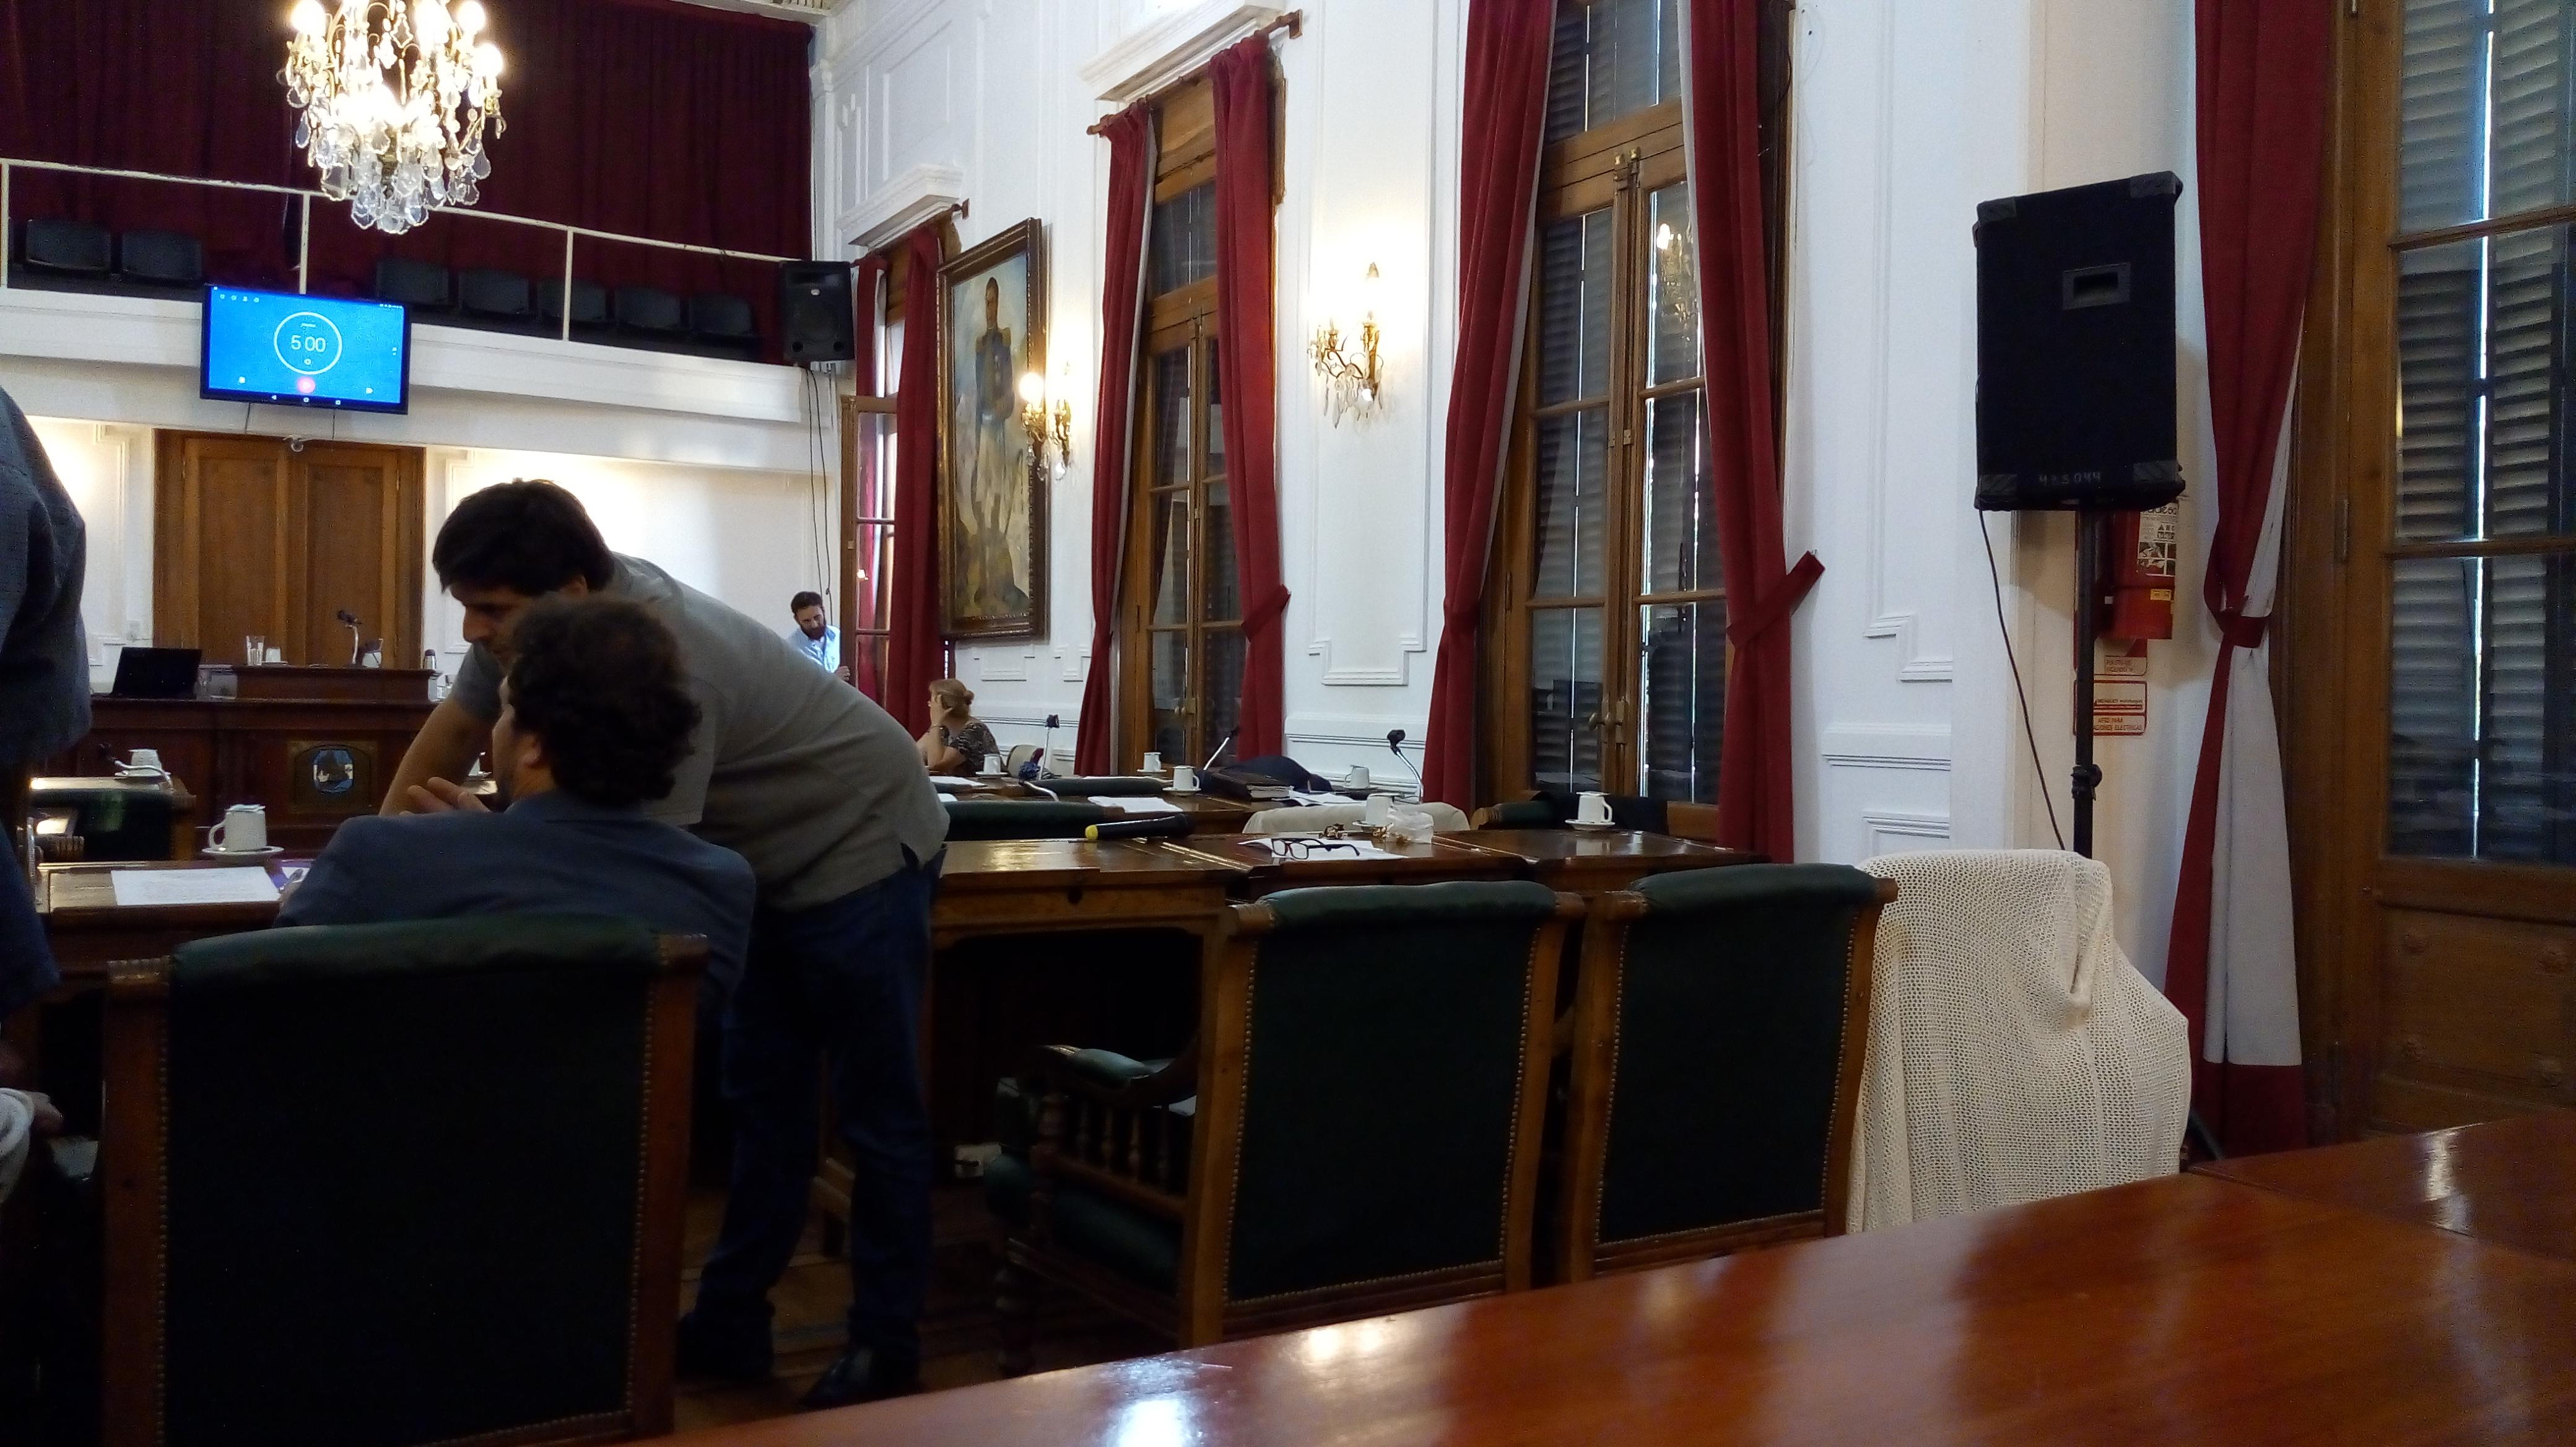 En la última reunión del Concejo Deliberante, el bloque oficialista se levantó cuando la sesión estaba punto de comenzar. El desconcierto se vivió en todo el recinto hasta que los ediles opositores supieron luego que el motivo era el proyecto de zonificación.